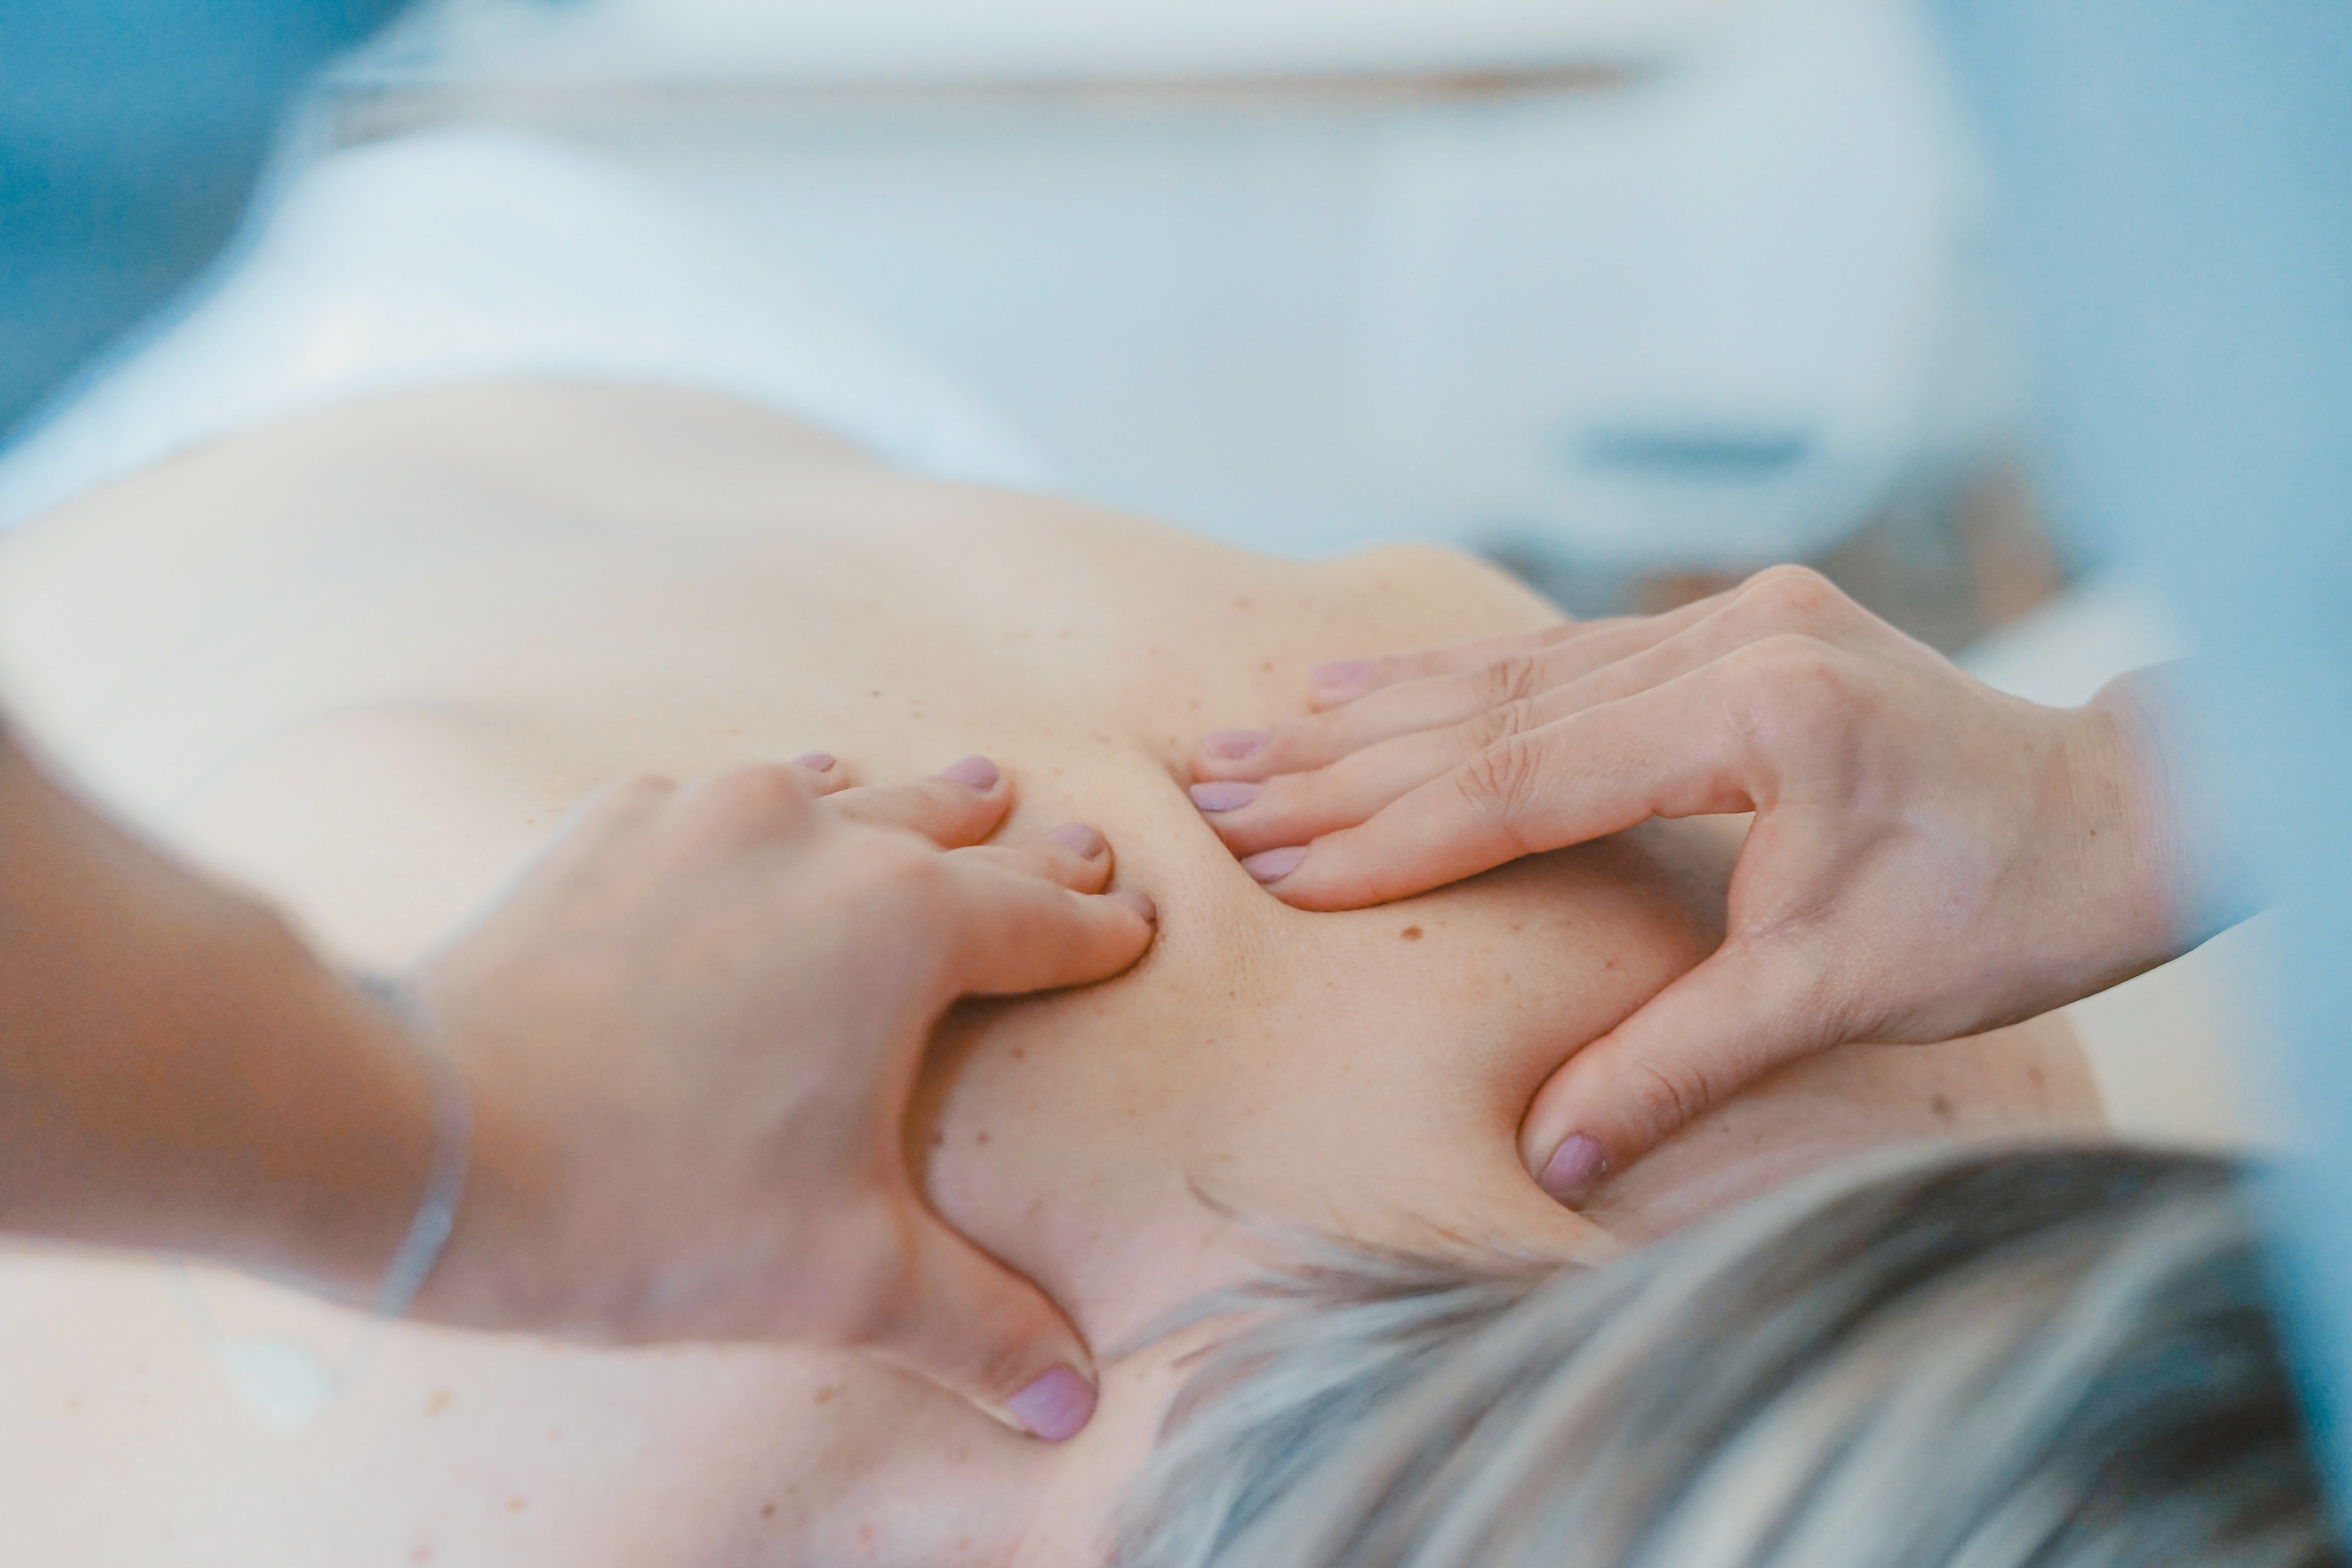 Masaż leczniczy – skuteczna metoda leczenia problemów zdrowotnych